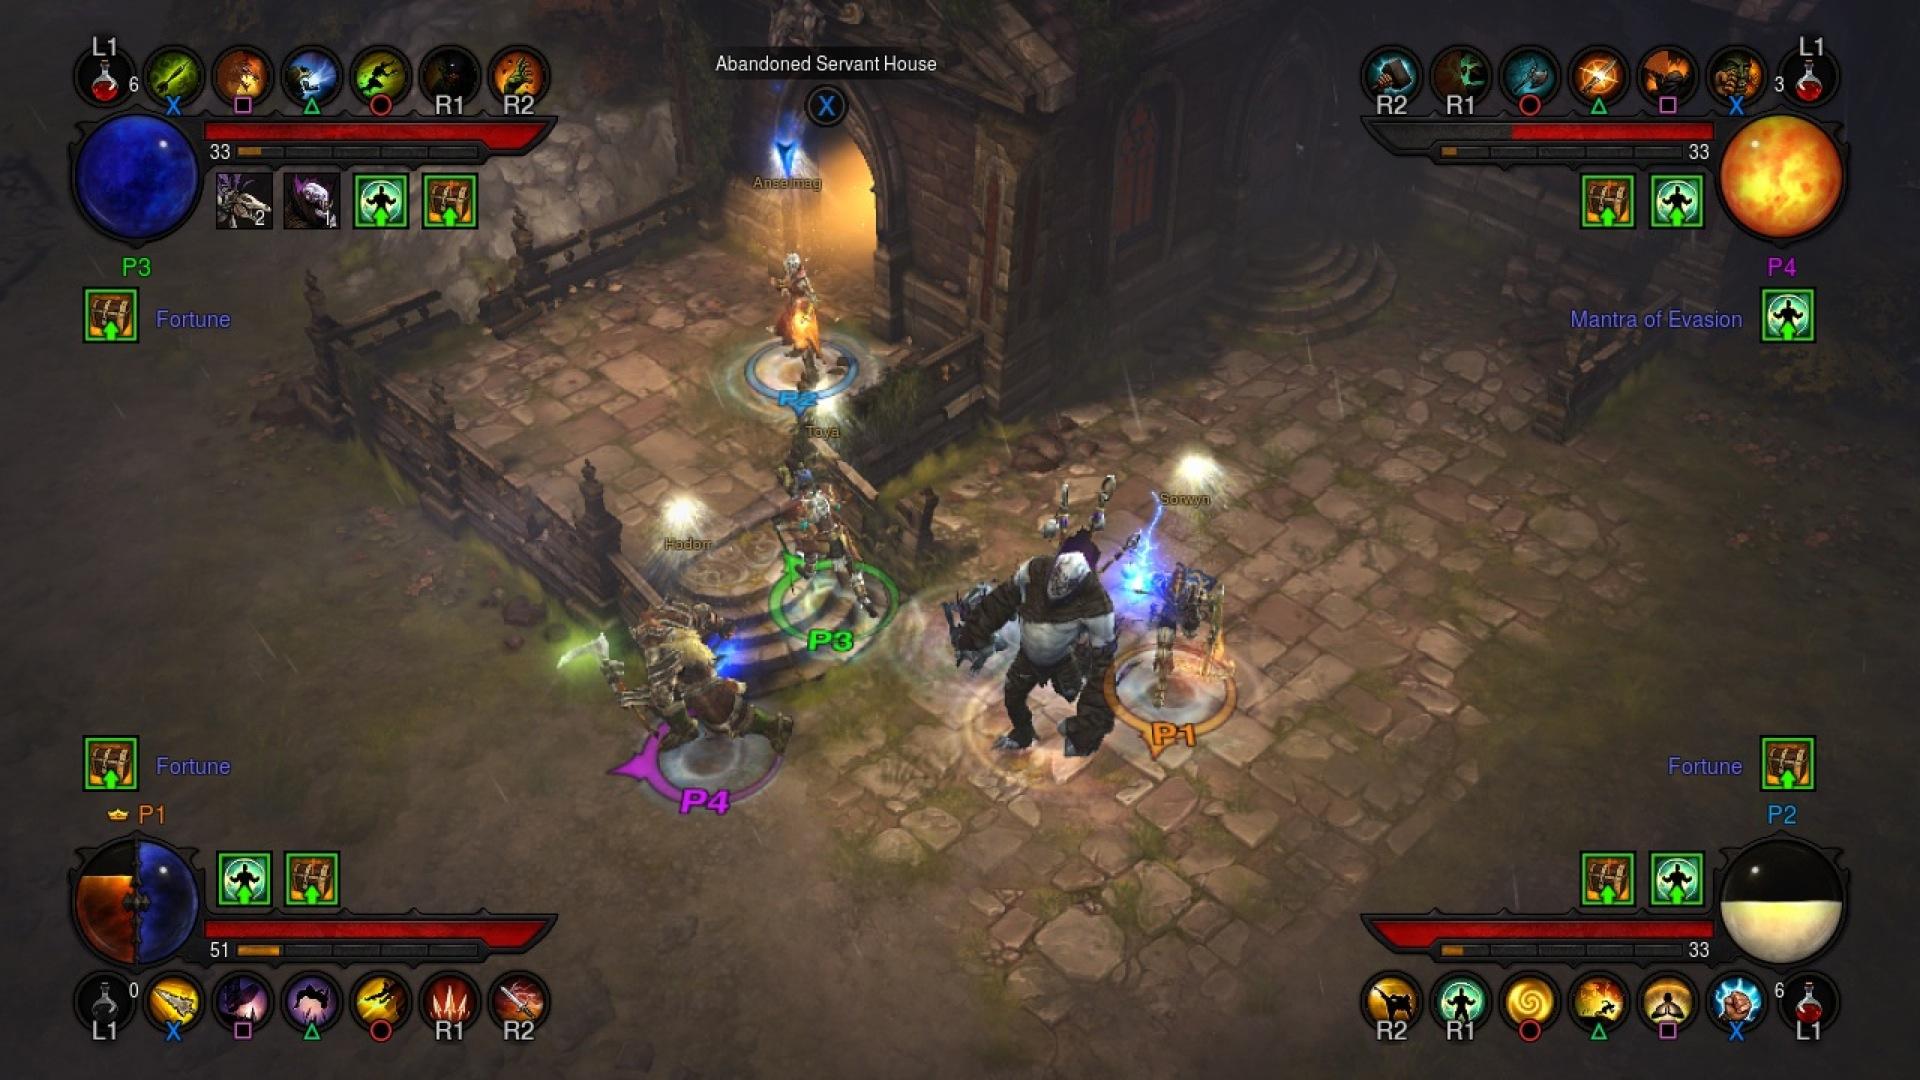 Diablo Iii Ps3 Playstation 3 Game Profile